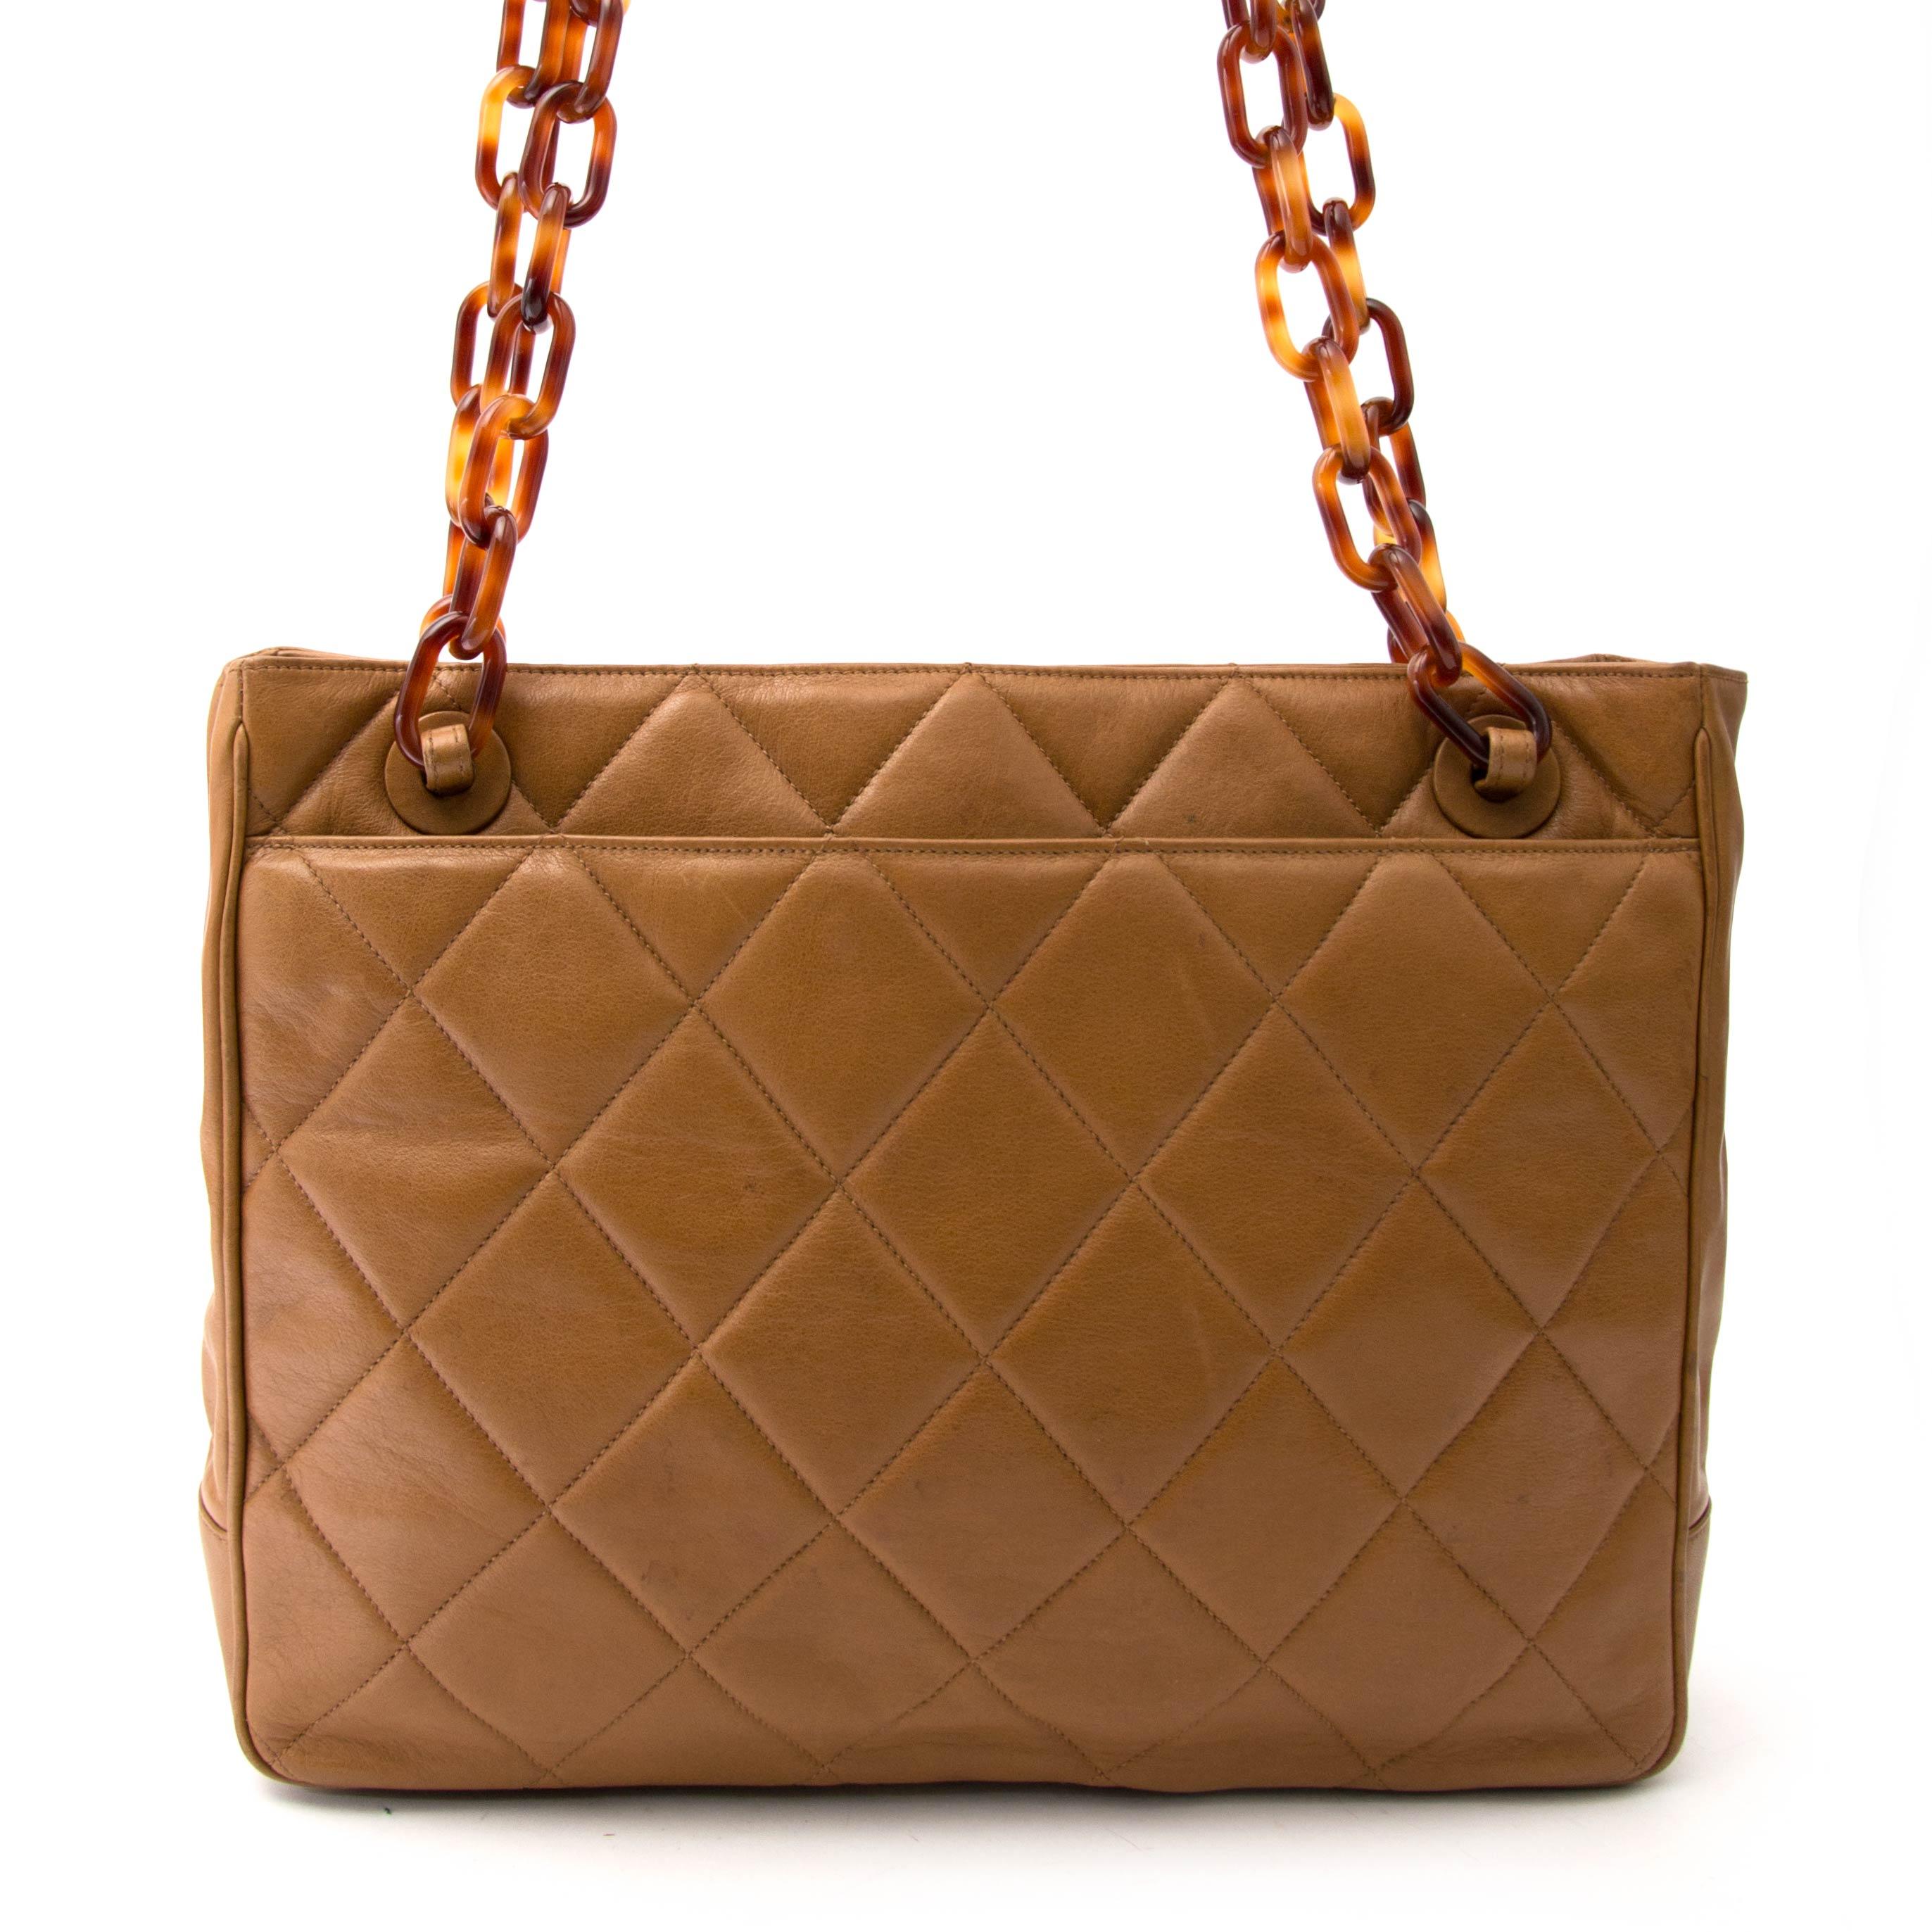 ... koop veilig online aan de beste prijs jouw tweedehands Chanel Biscuit  Shopping Tote 39e2092e1fd4